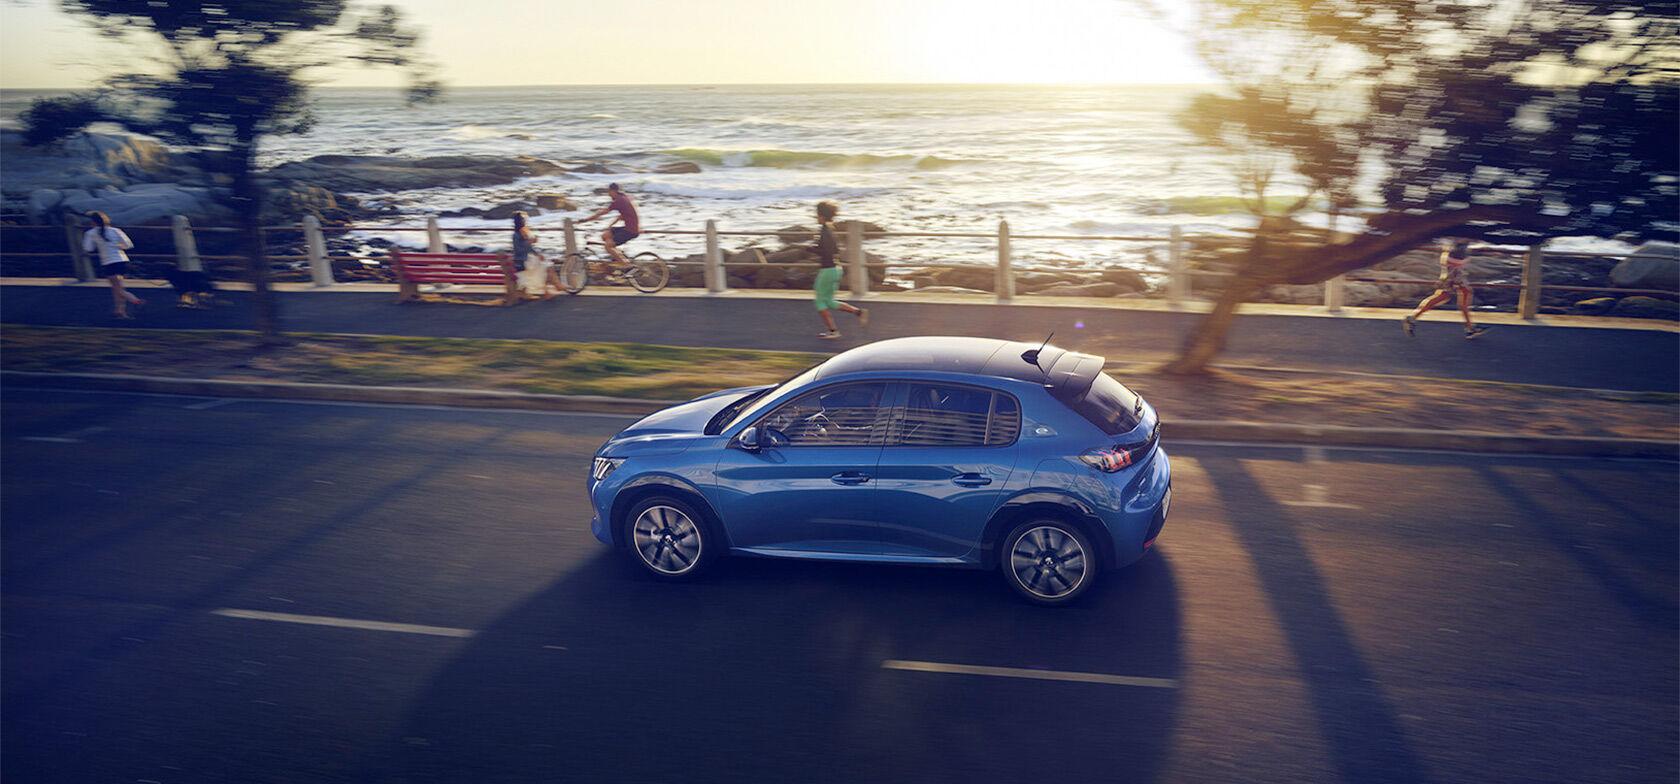 Uusi Peugeot 208 - tulossa loppuvuonna 2019